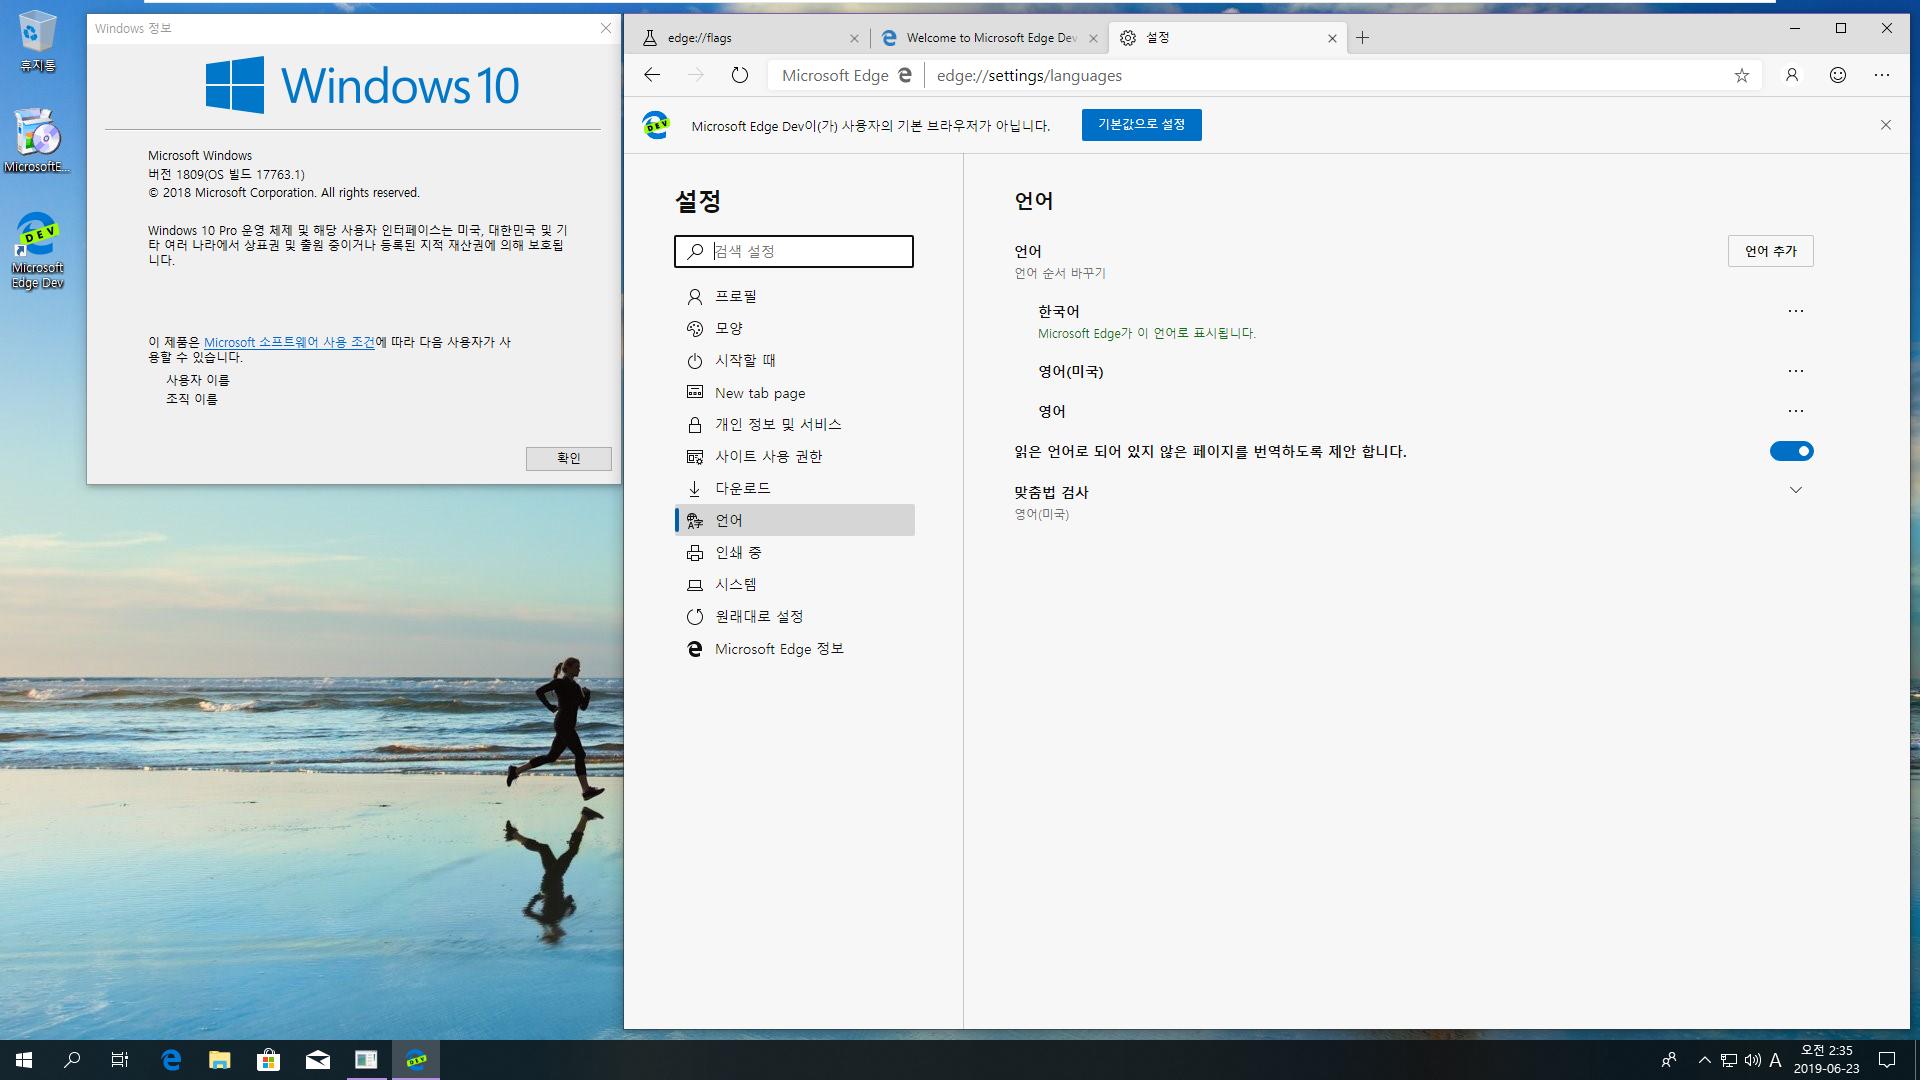 크로미엄 기반 엣지 - 윈도10 에 버전 77.0.189.3 (공식 빌드) dev(64비트) 설치해봤습니다 - 1번째 2019-06-23_023516.png